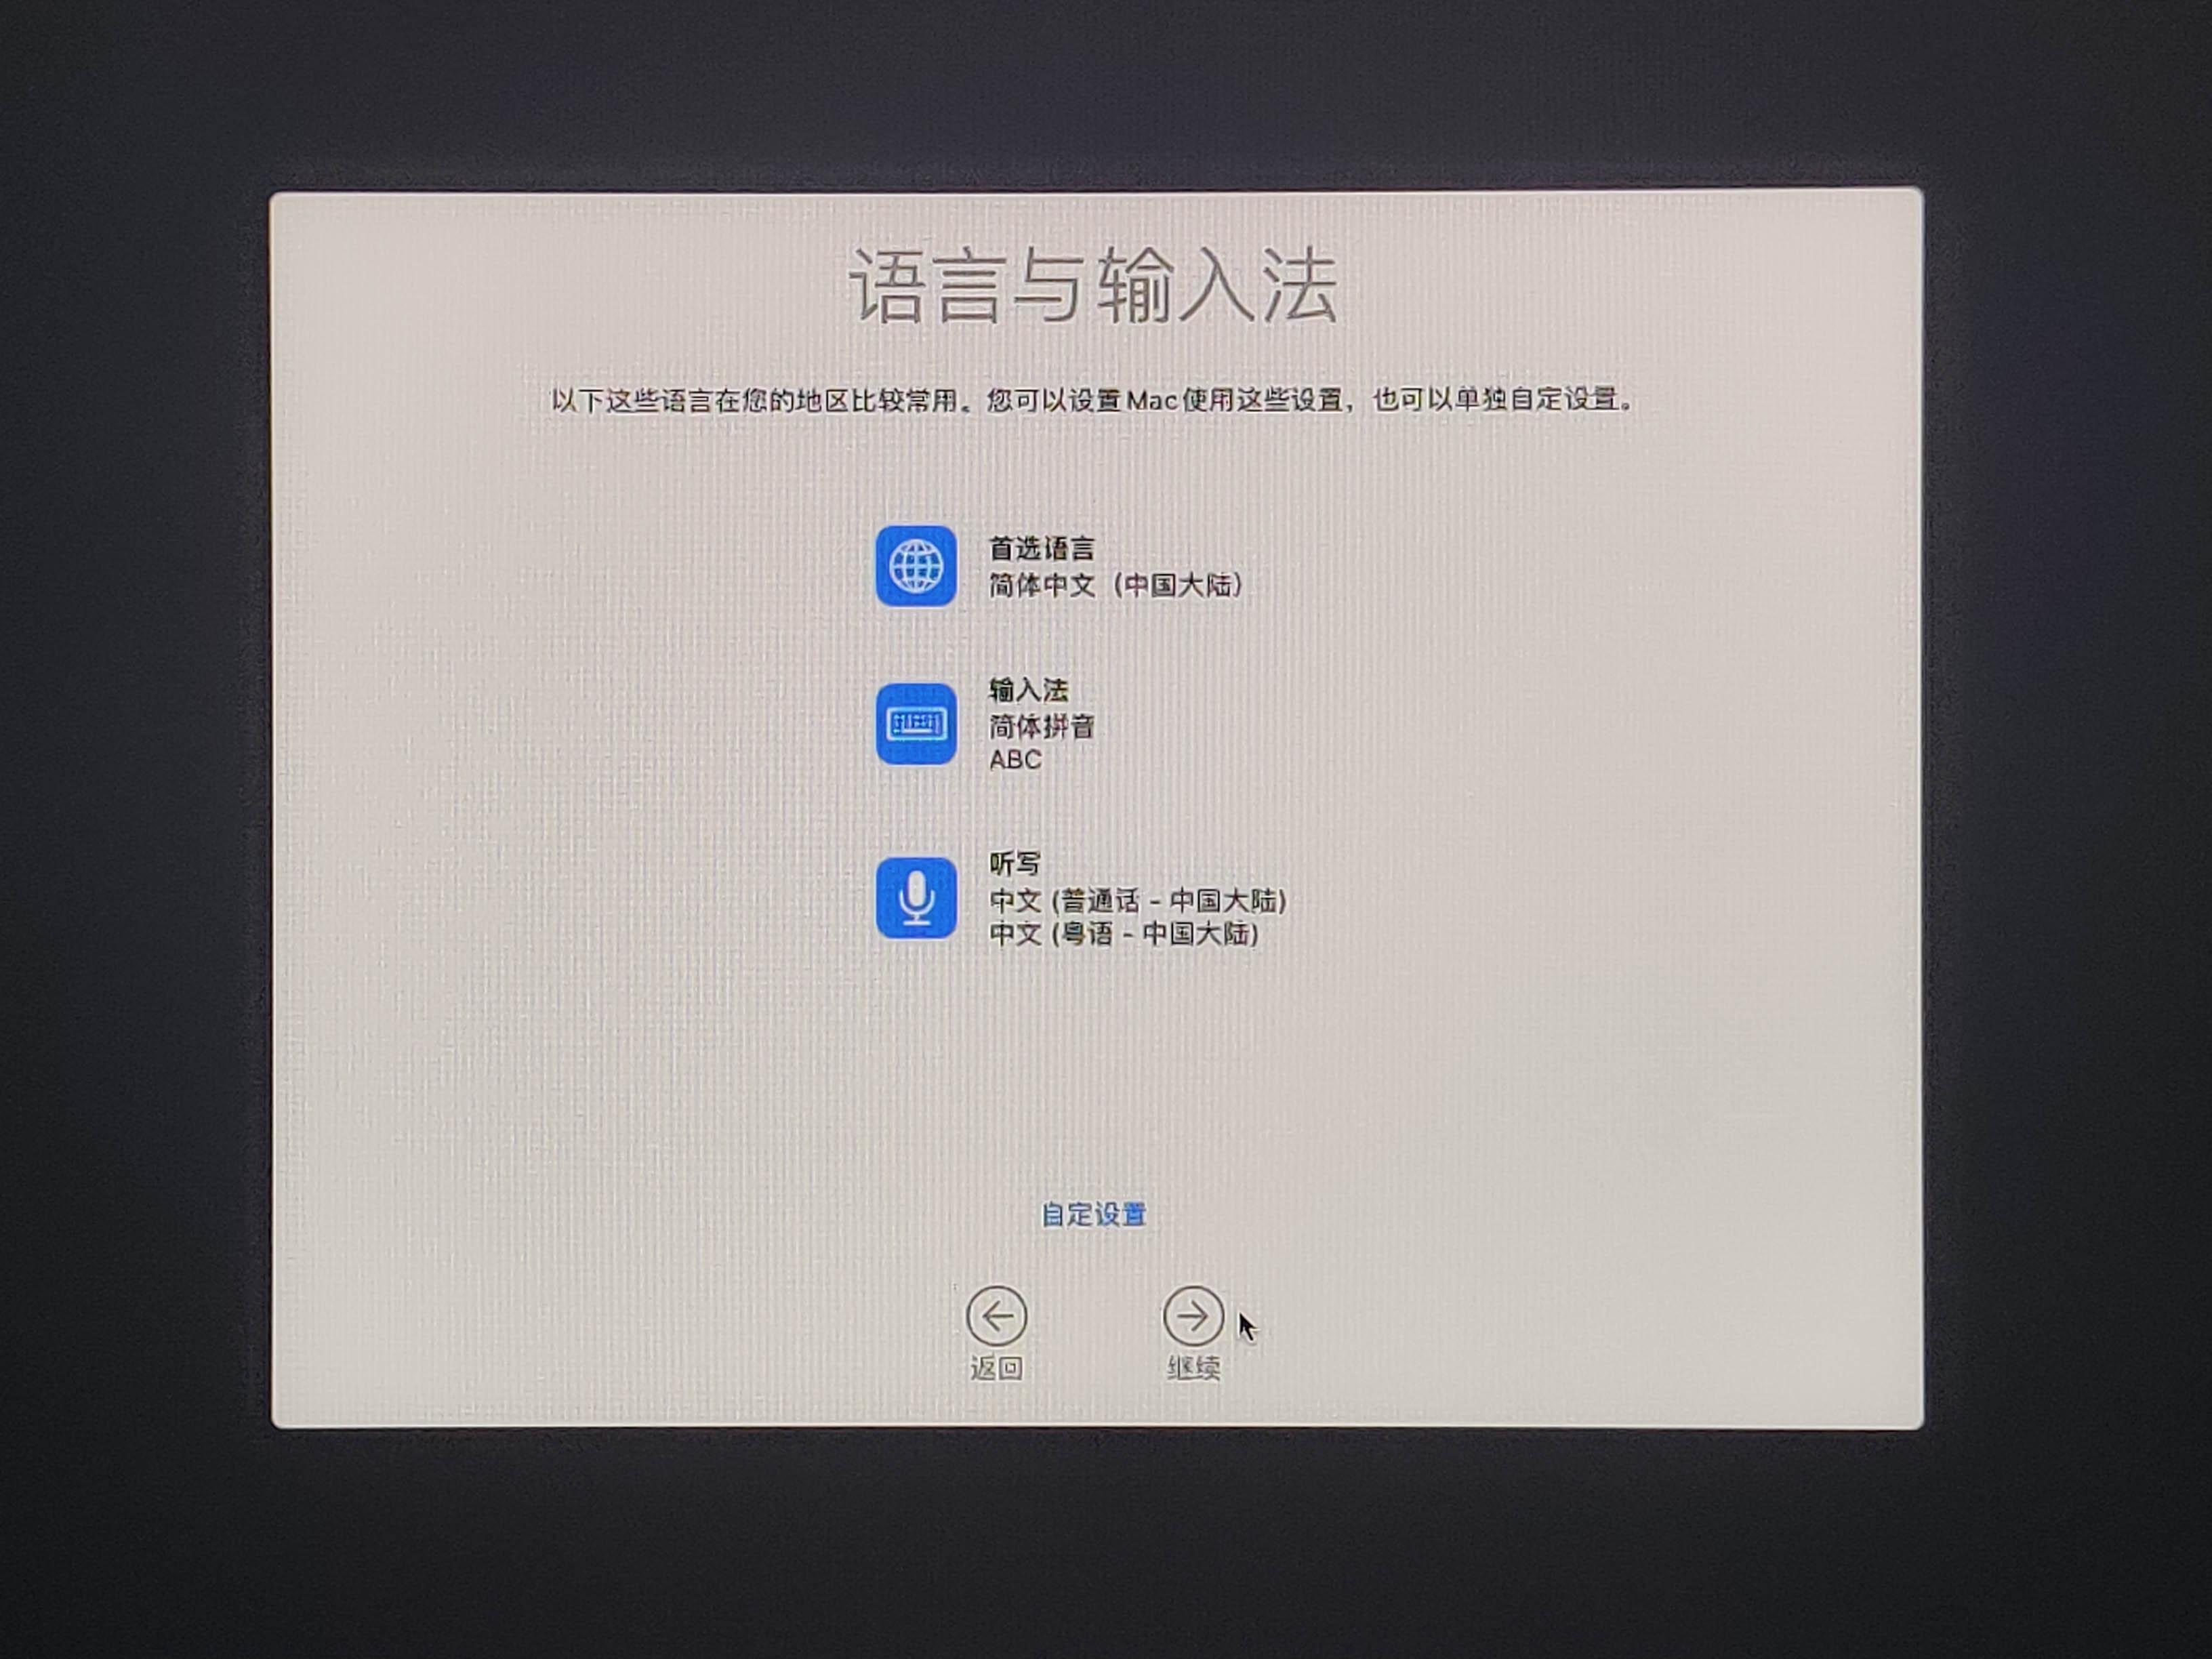 小米笔记本 Pro 如何安装 黑苹果 + Win10 双系统教程插图39